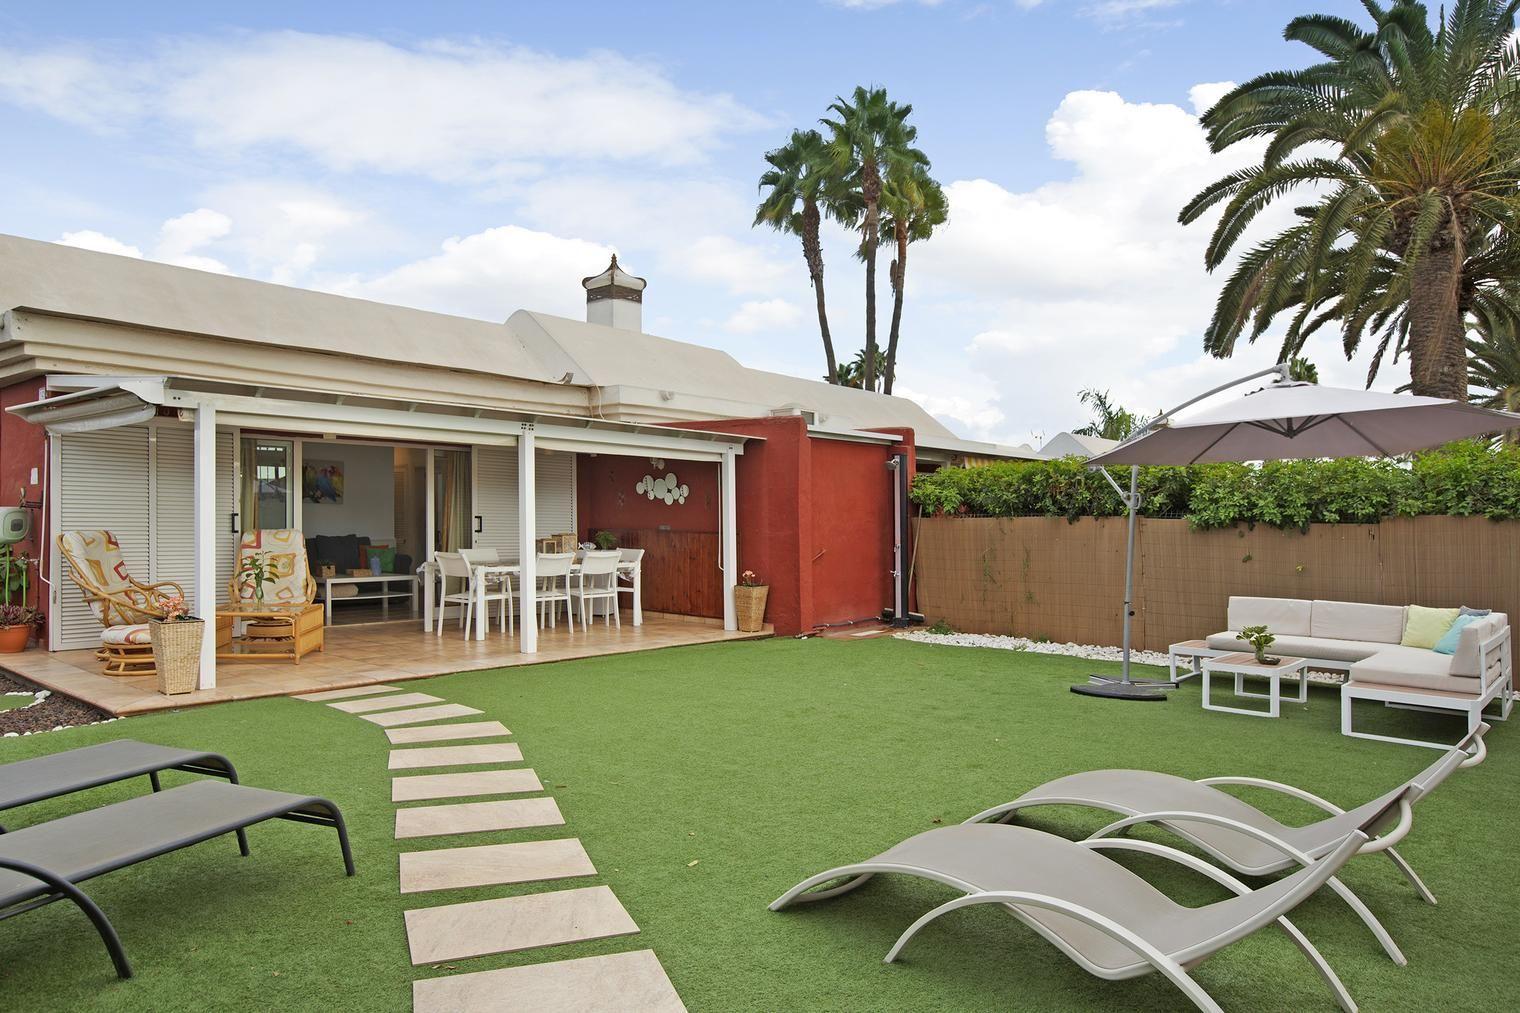 Ferienwohnung für 6 Personen ca. 80 m² i Bungalow in Spanien